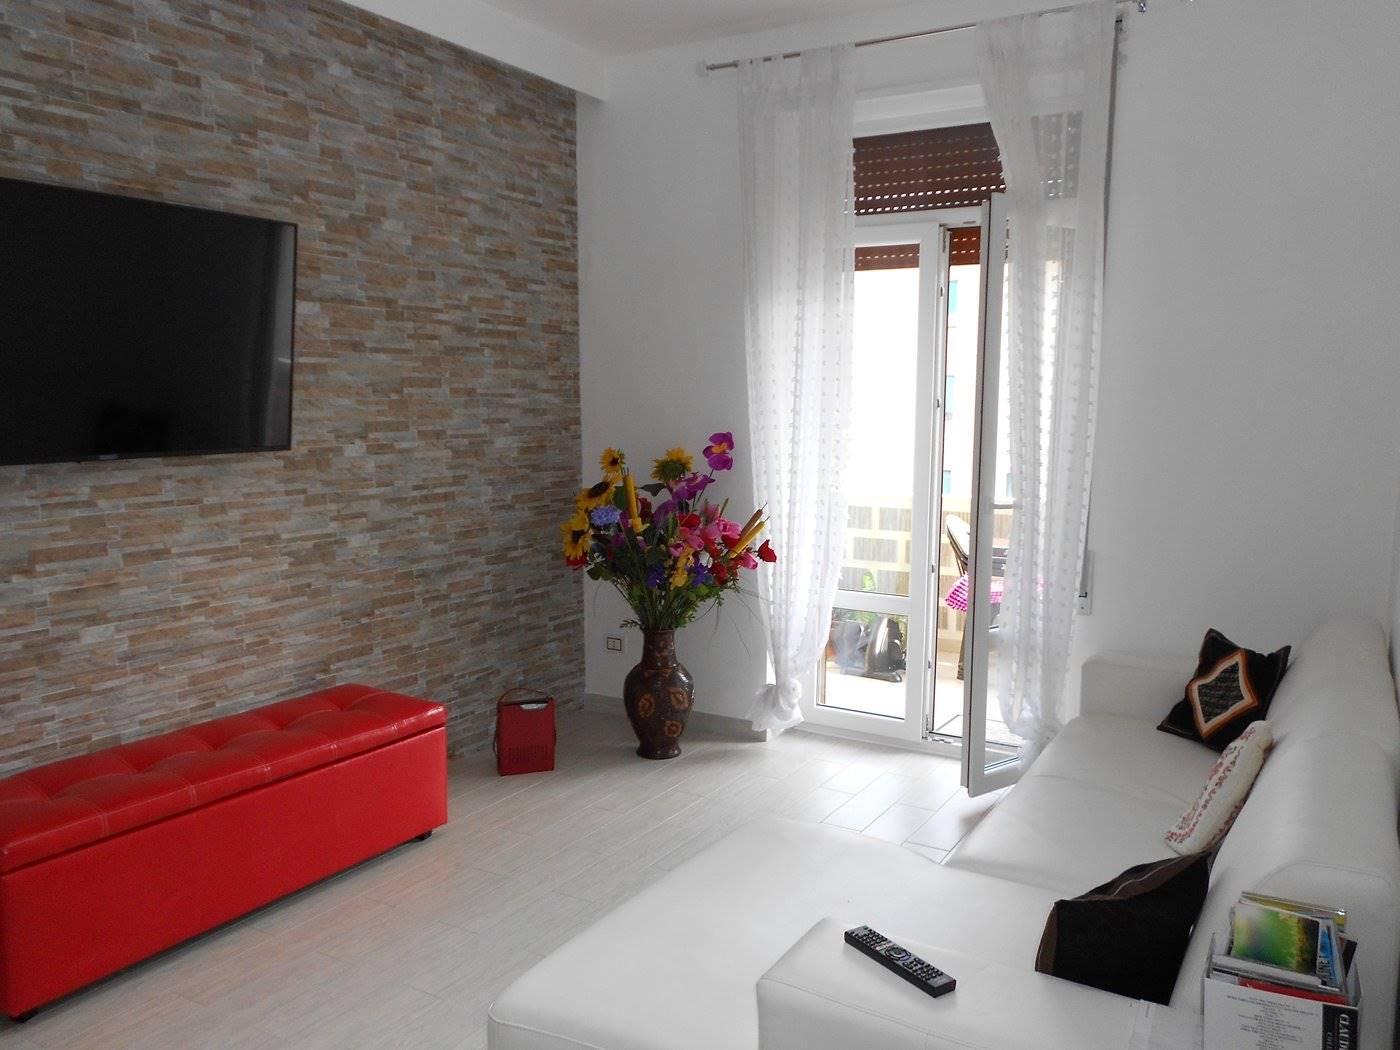 Appartamento in vendita a Spoleto, 4 locali, zona Località: PRIMA PERIFERIA, prezzo € 115.000 | CambioCasa.it